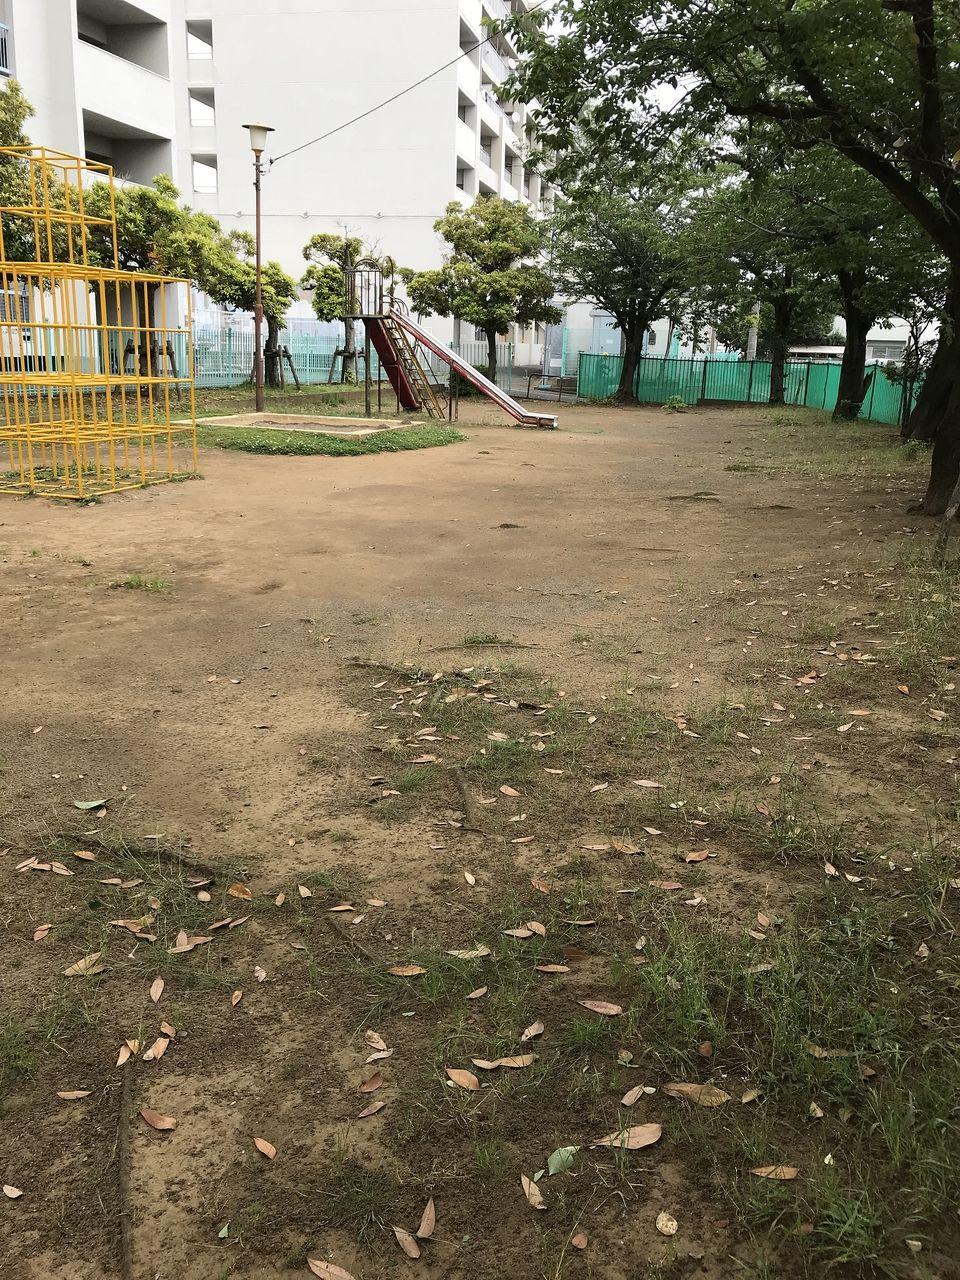 南行徳の公園【相之川】をコンプリート!「相之川前公園」